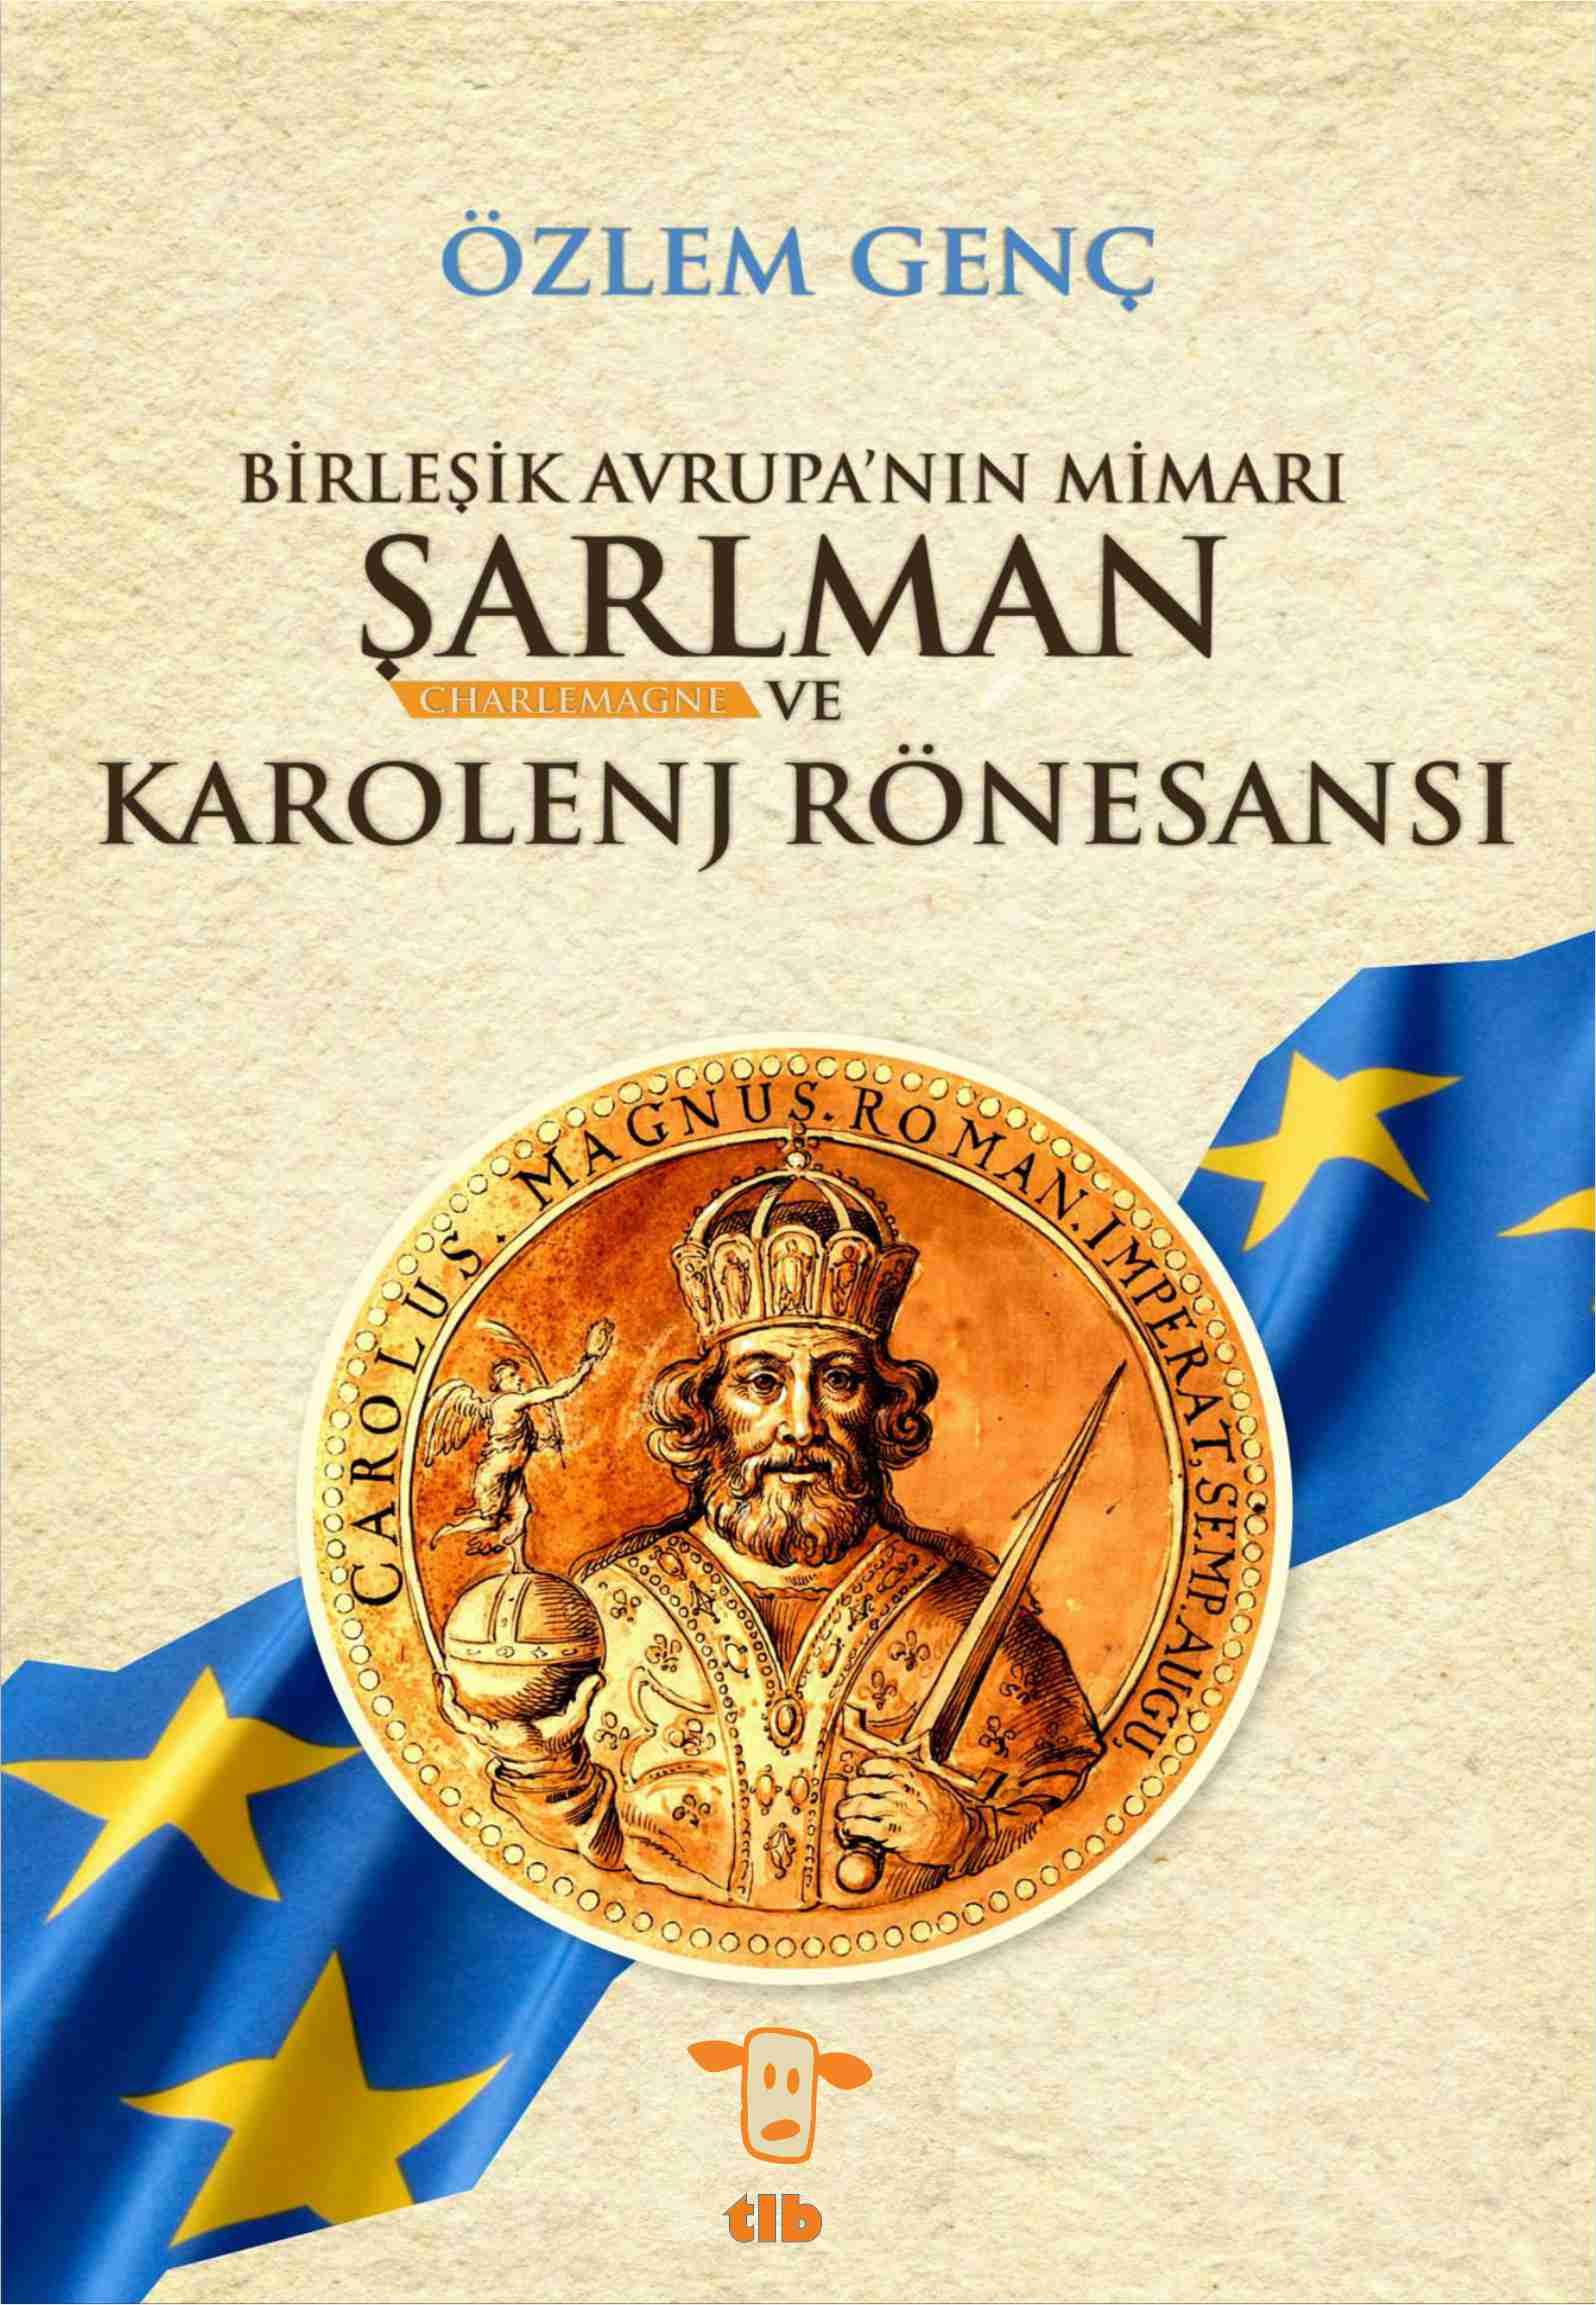 Birleşik Avrupa'nın Mimarı Charlemagne ve  Karolenj Rönesansı